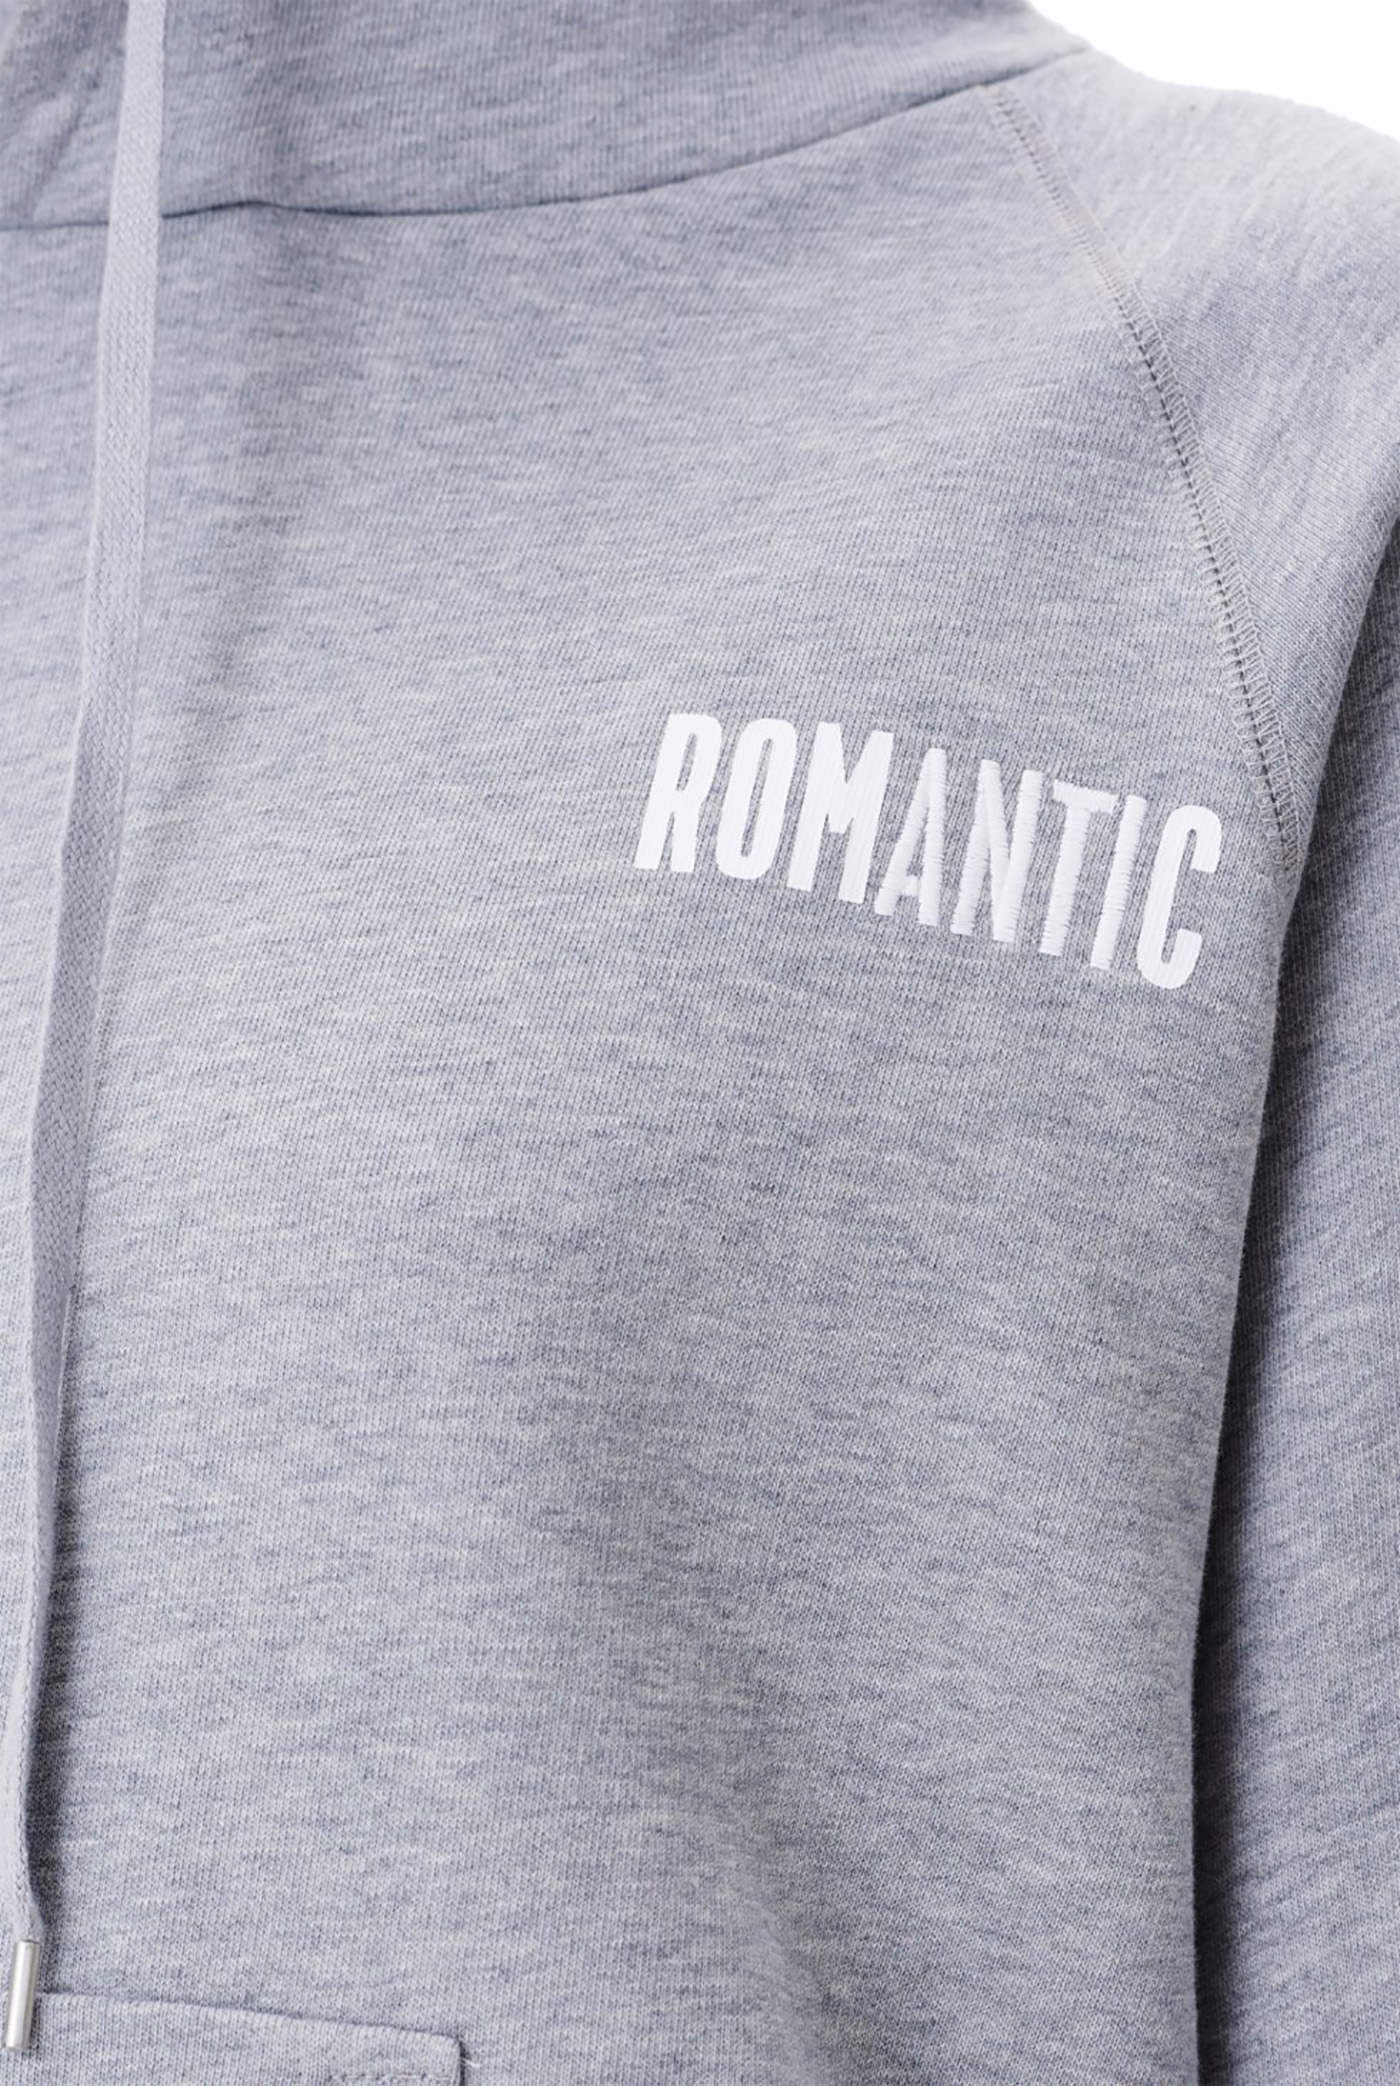 wwss2017-romantic-9